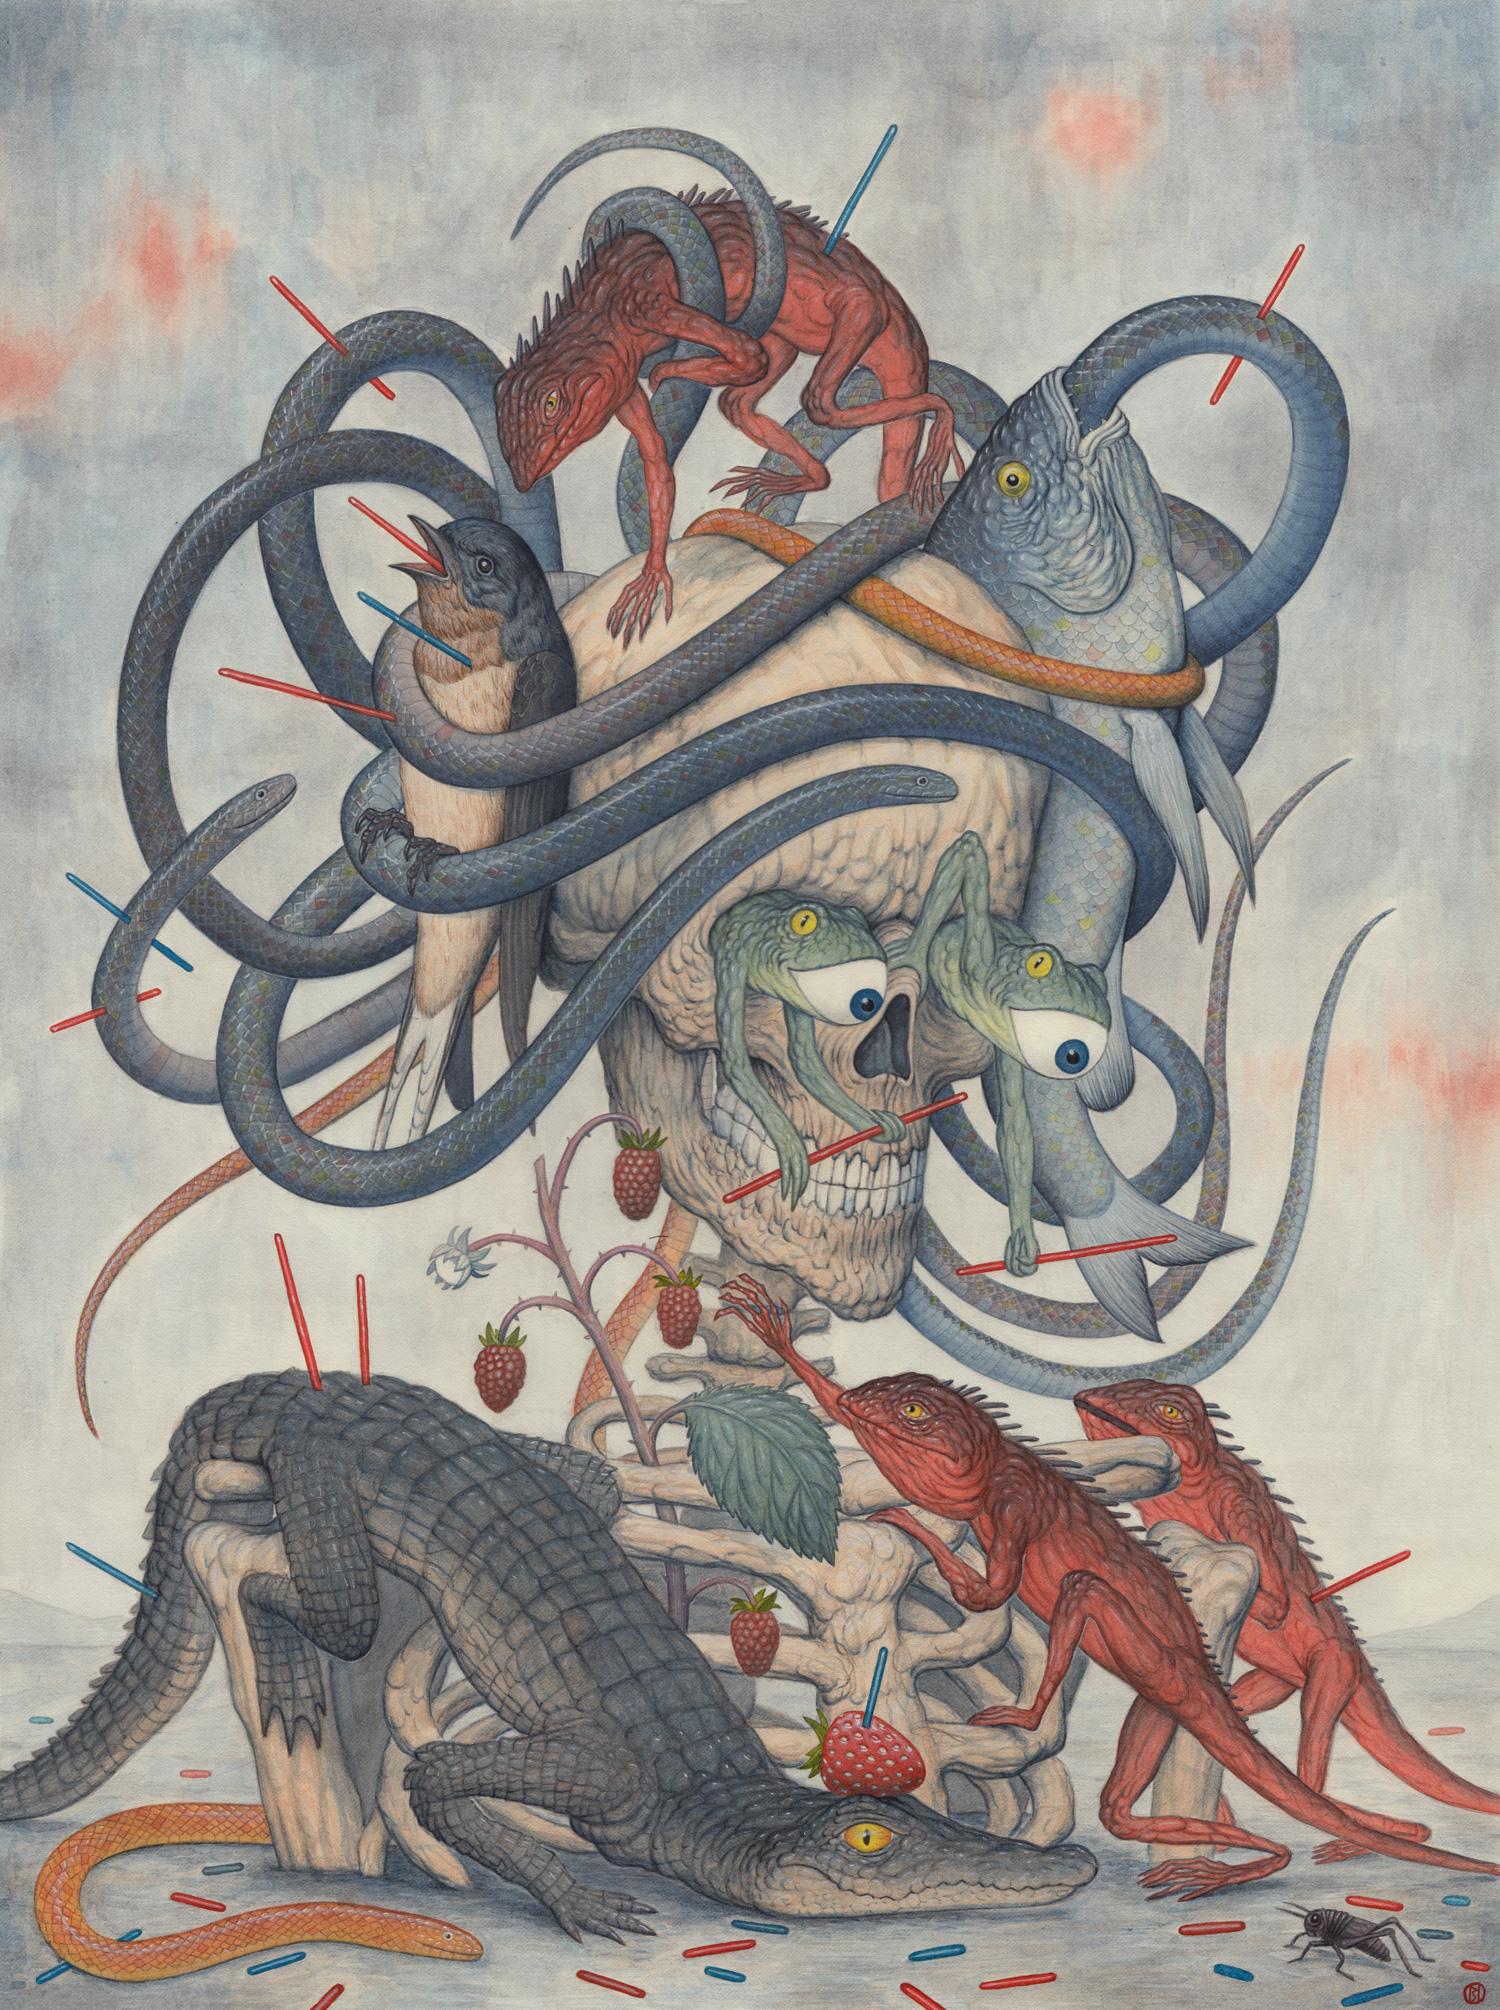 The-Medusa-By-Nick-Sheehy.jpg